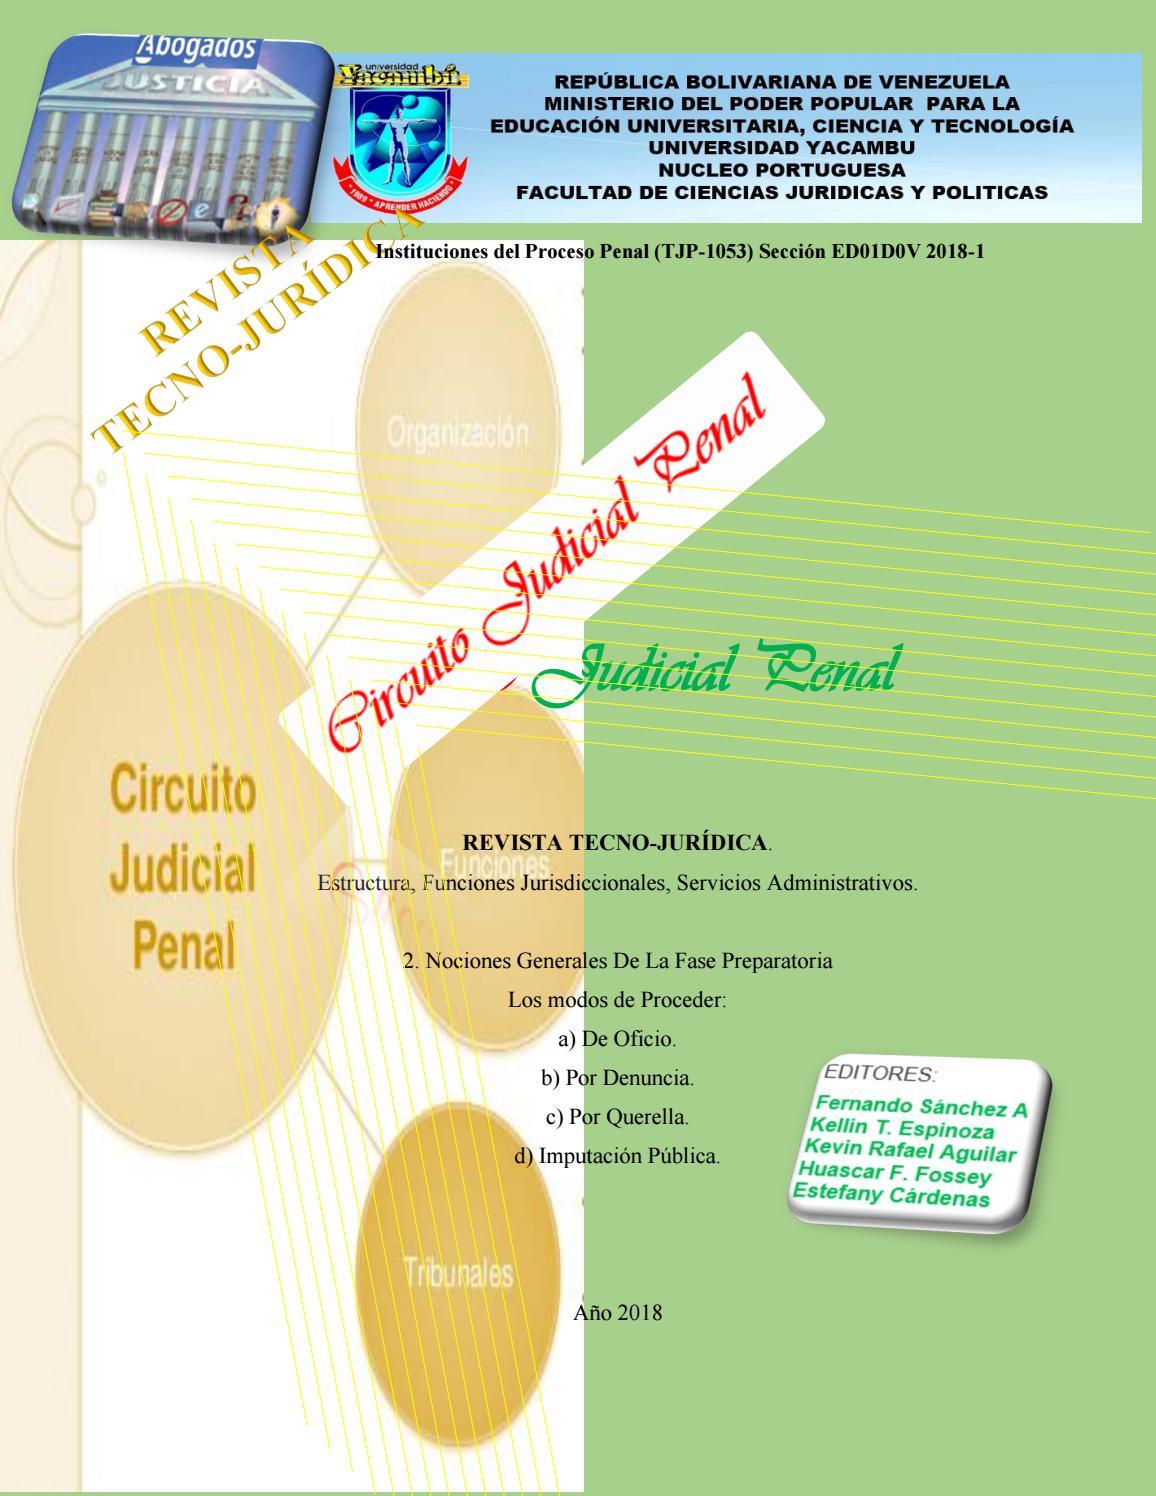 Circuito Judicial Penal : Unidad derecho procesal penal